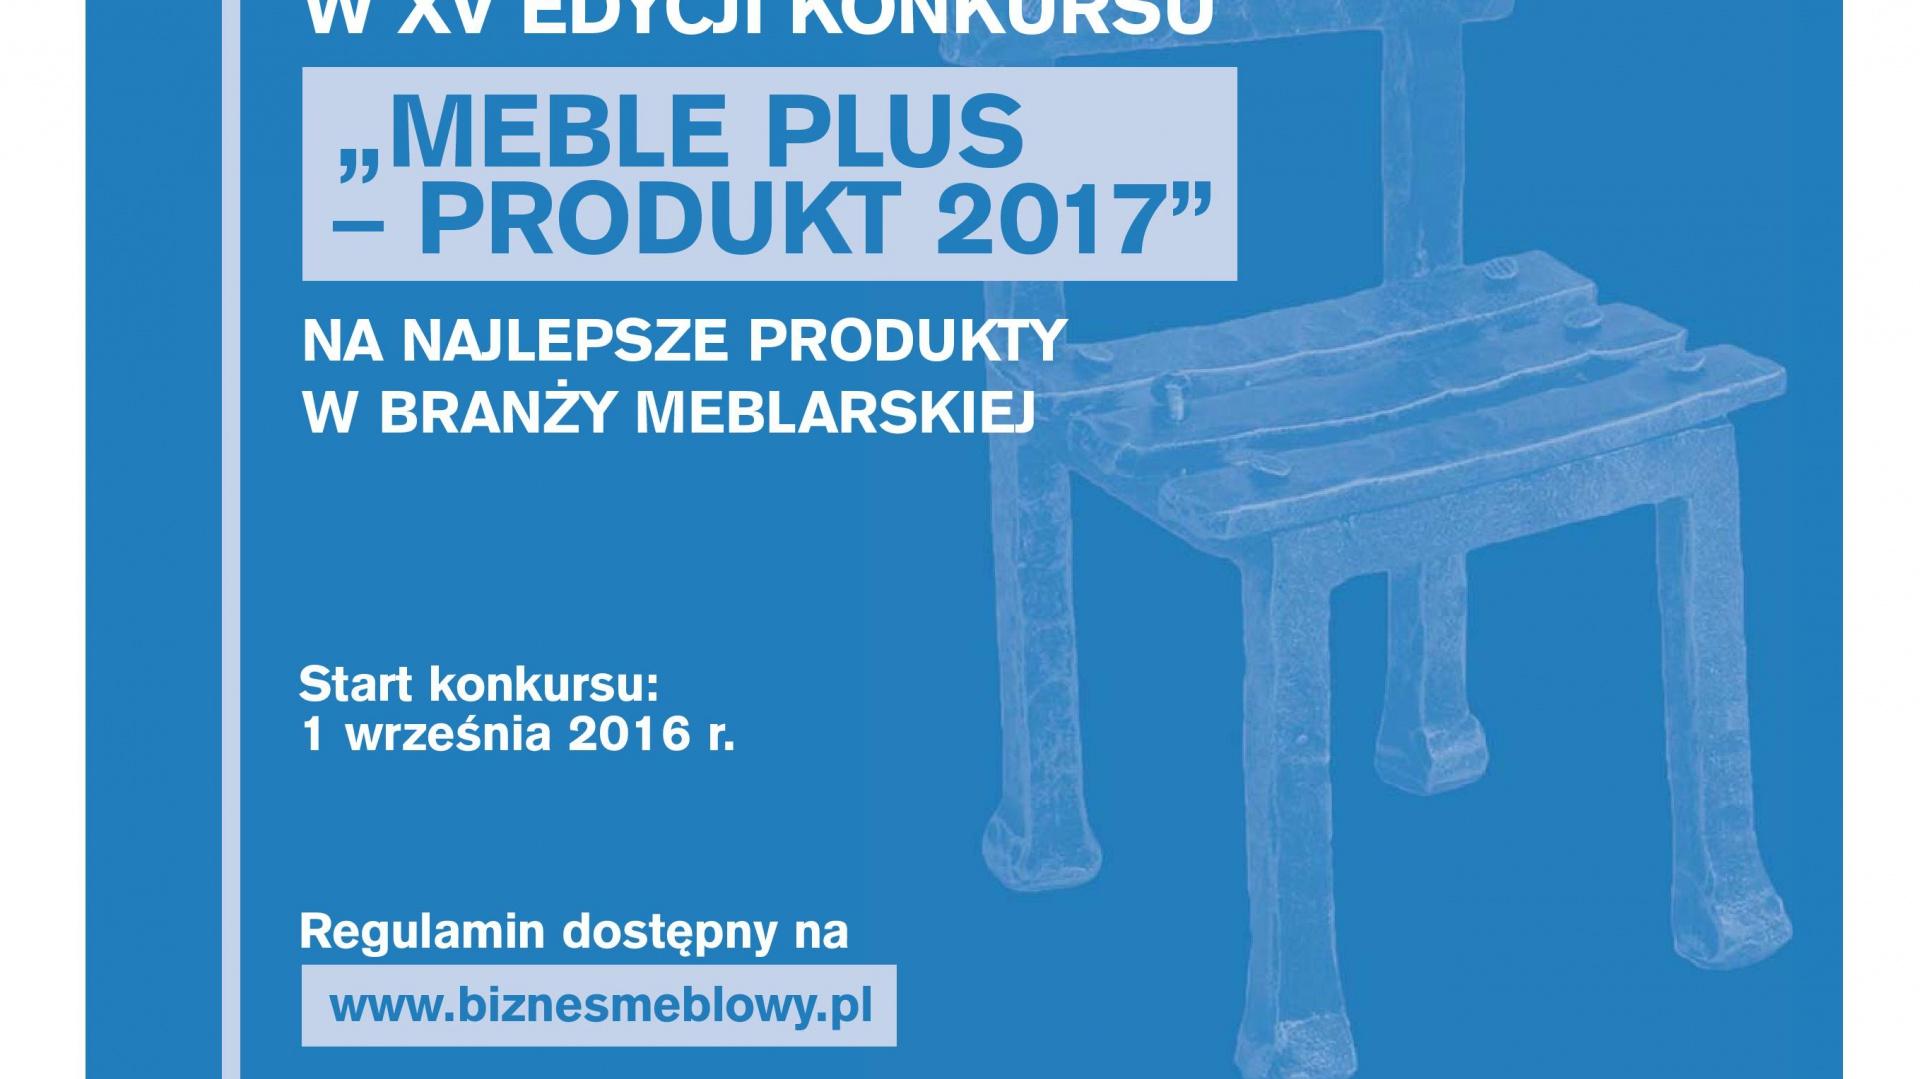 """Rozpoczęła się już XV edycja konkursu """"Meble Plus – Produkt Roku"""". Zapraszamy do udziału i zgłaszania produktów w 16 kategoriach konkursowych."""